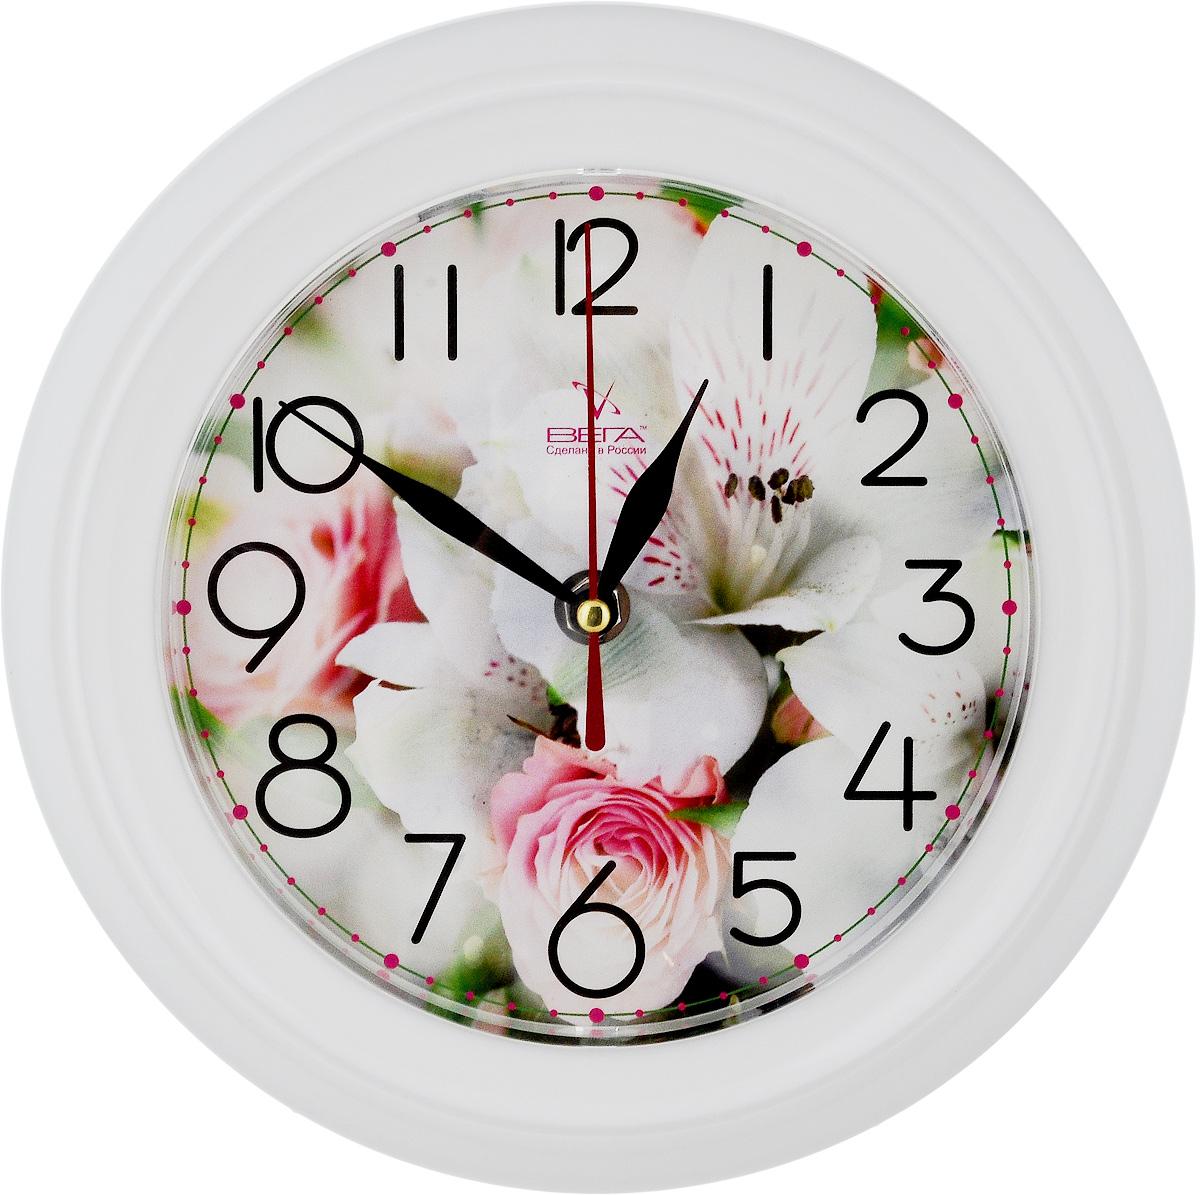 Часы настенные Вега Нежность, диаметр 22,5 смП6-7-106Настенные кварцевые часы Вега Нежность в классическом дизайне, изготовленные из пластика, прекрасно впишутся в интерьер вашего дома. Круглые часы имеют три стрелки: часовую, минутную и секундную, циферблат защищен прозрачным стеклом. Часы работают от 1 батарейки типа АА напряжением 1,5 В (не входит в комплект). Диаметр часов: 22,5 см.